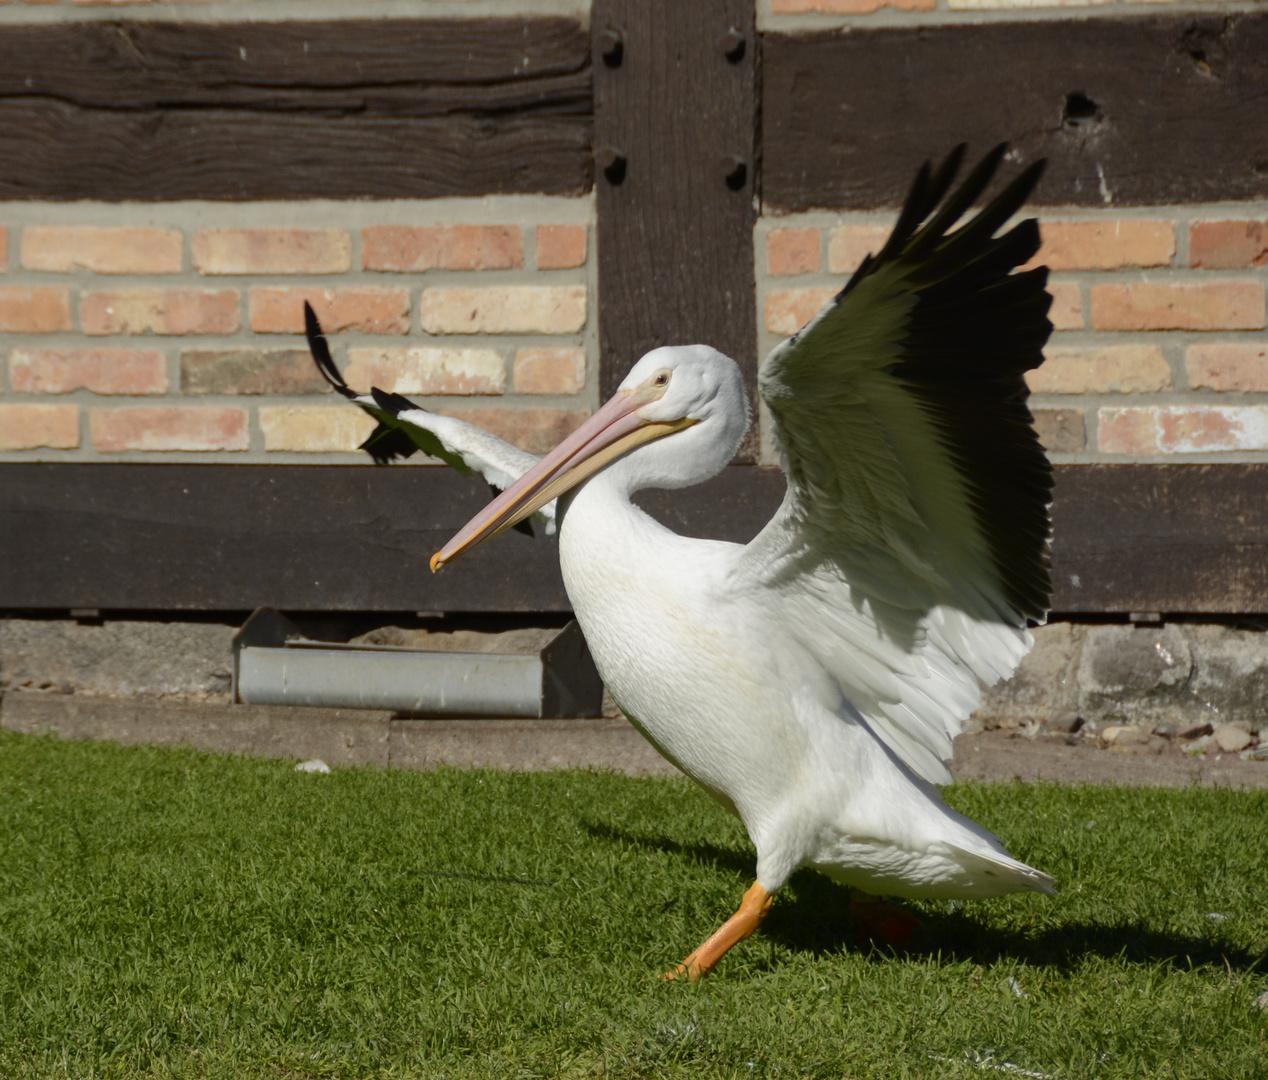 Flügelgymnastik